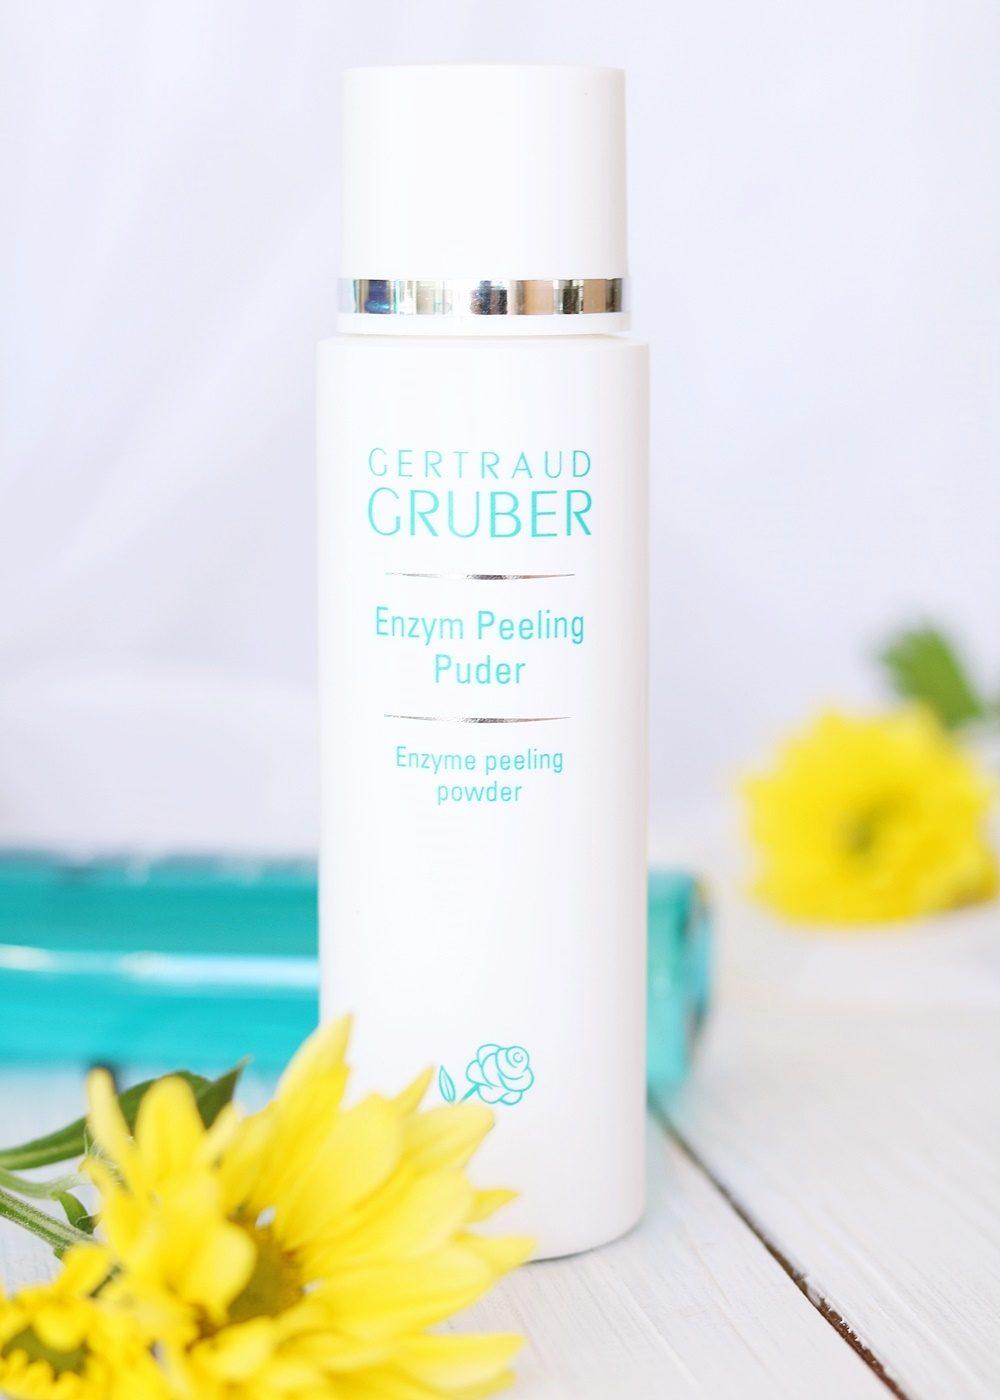 Beautypress Box August 2016 Gertraud Gruber Enzym Peeling Puder